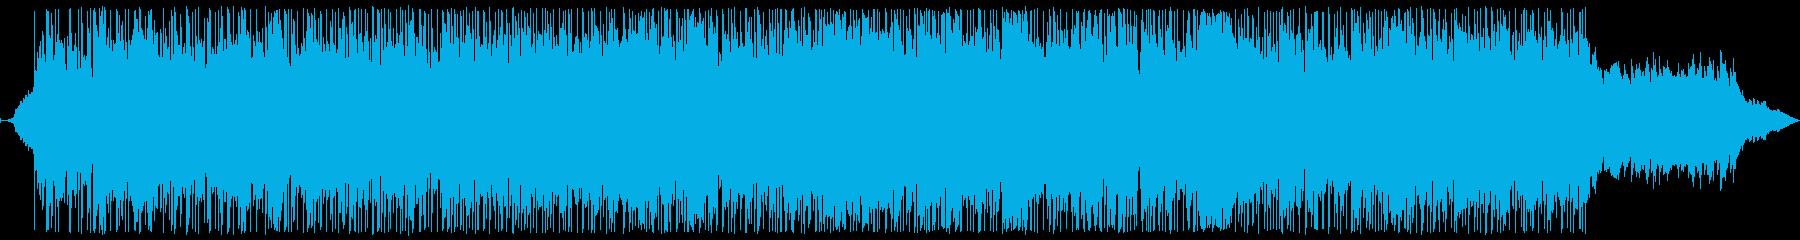 宇宙を航海するようなイメージの曲ですの再生済みの波形